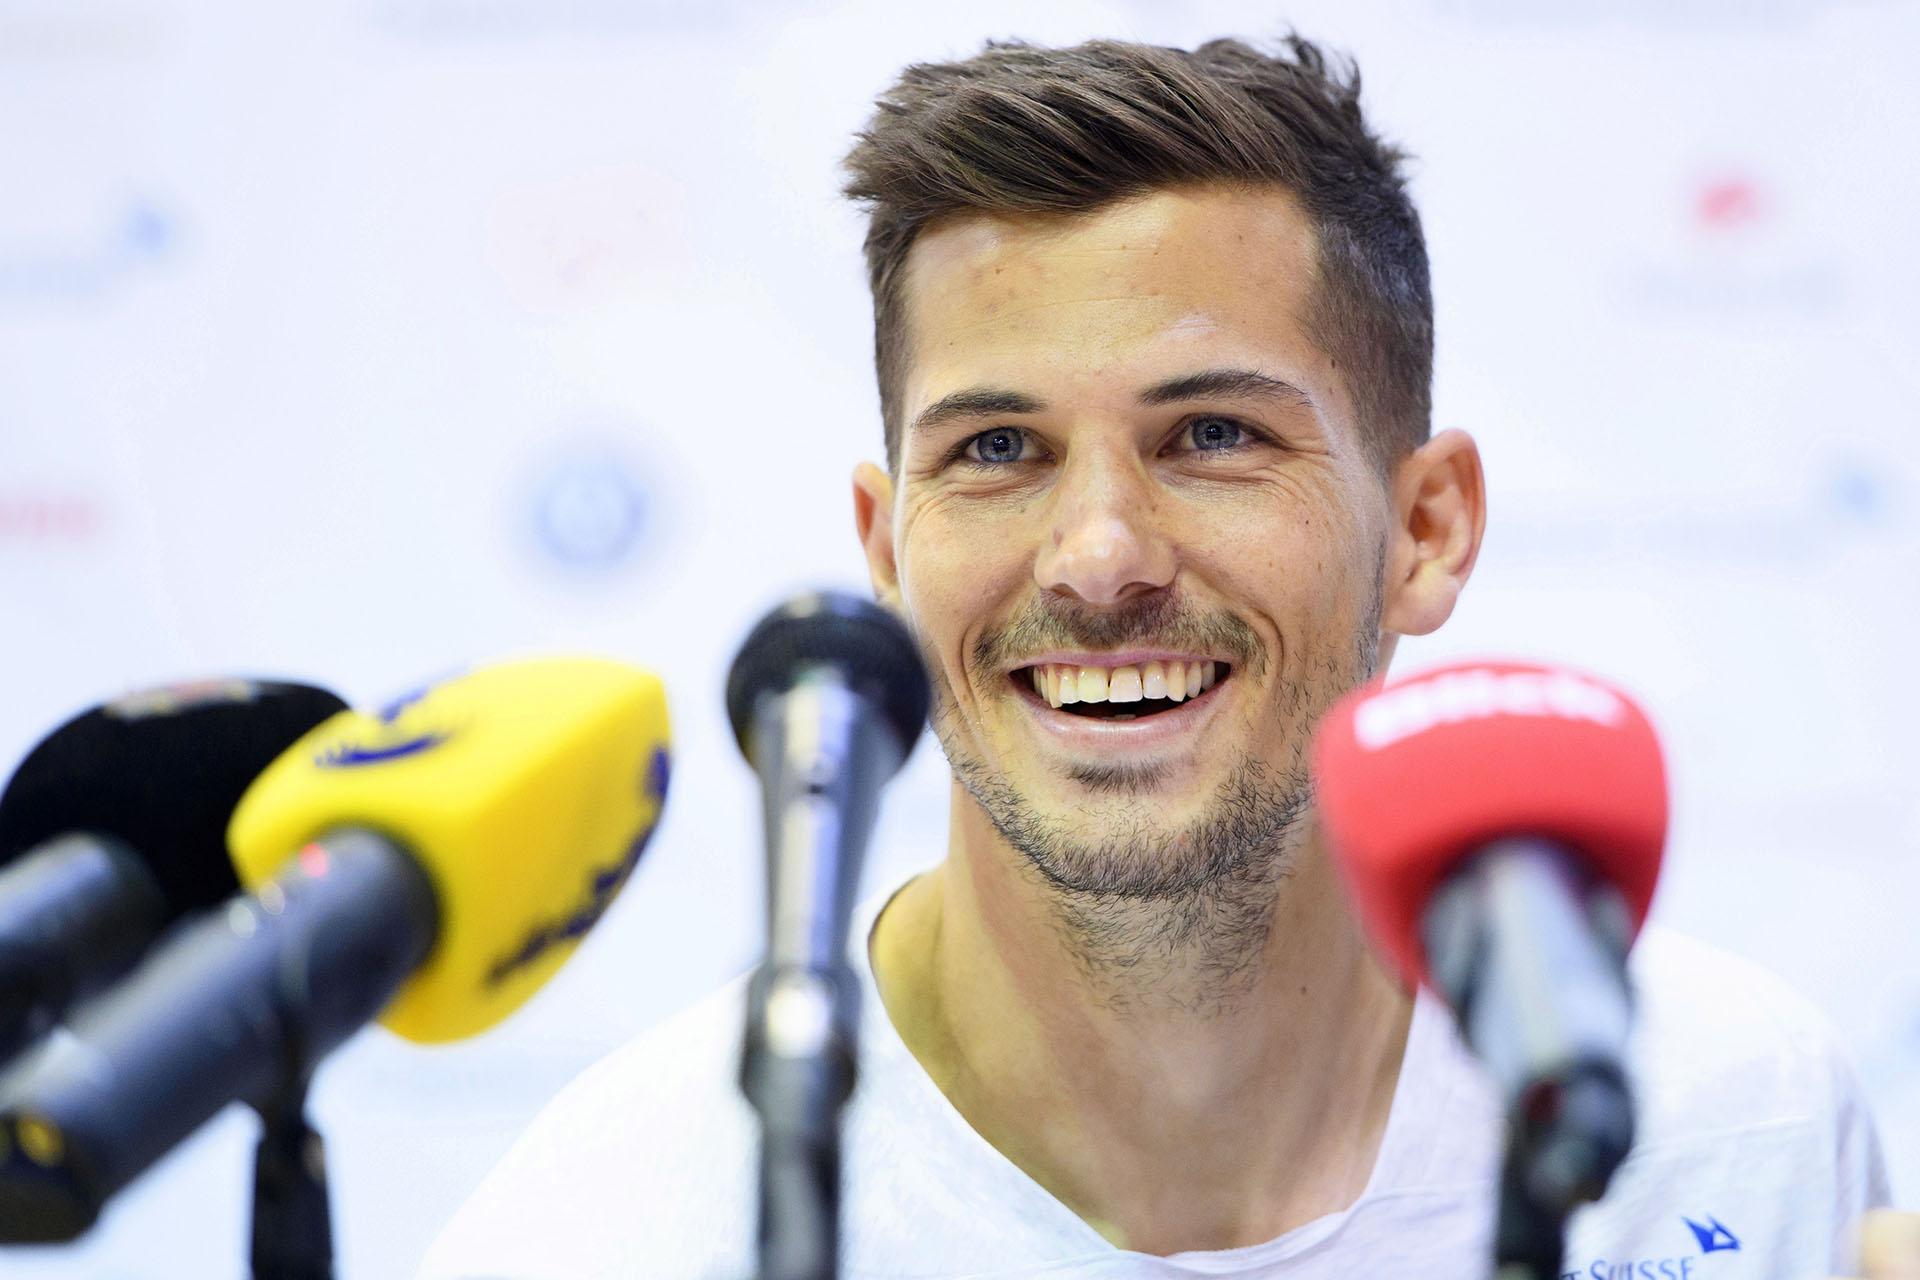 Remo Freuler, Suiza , 26 años, soltero (Reuters)